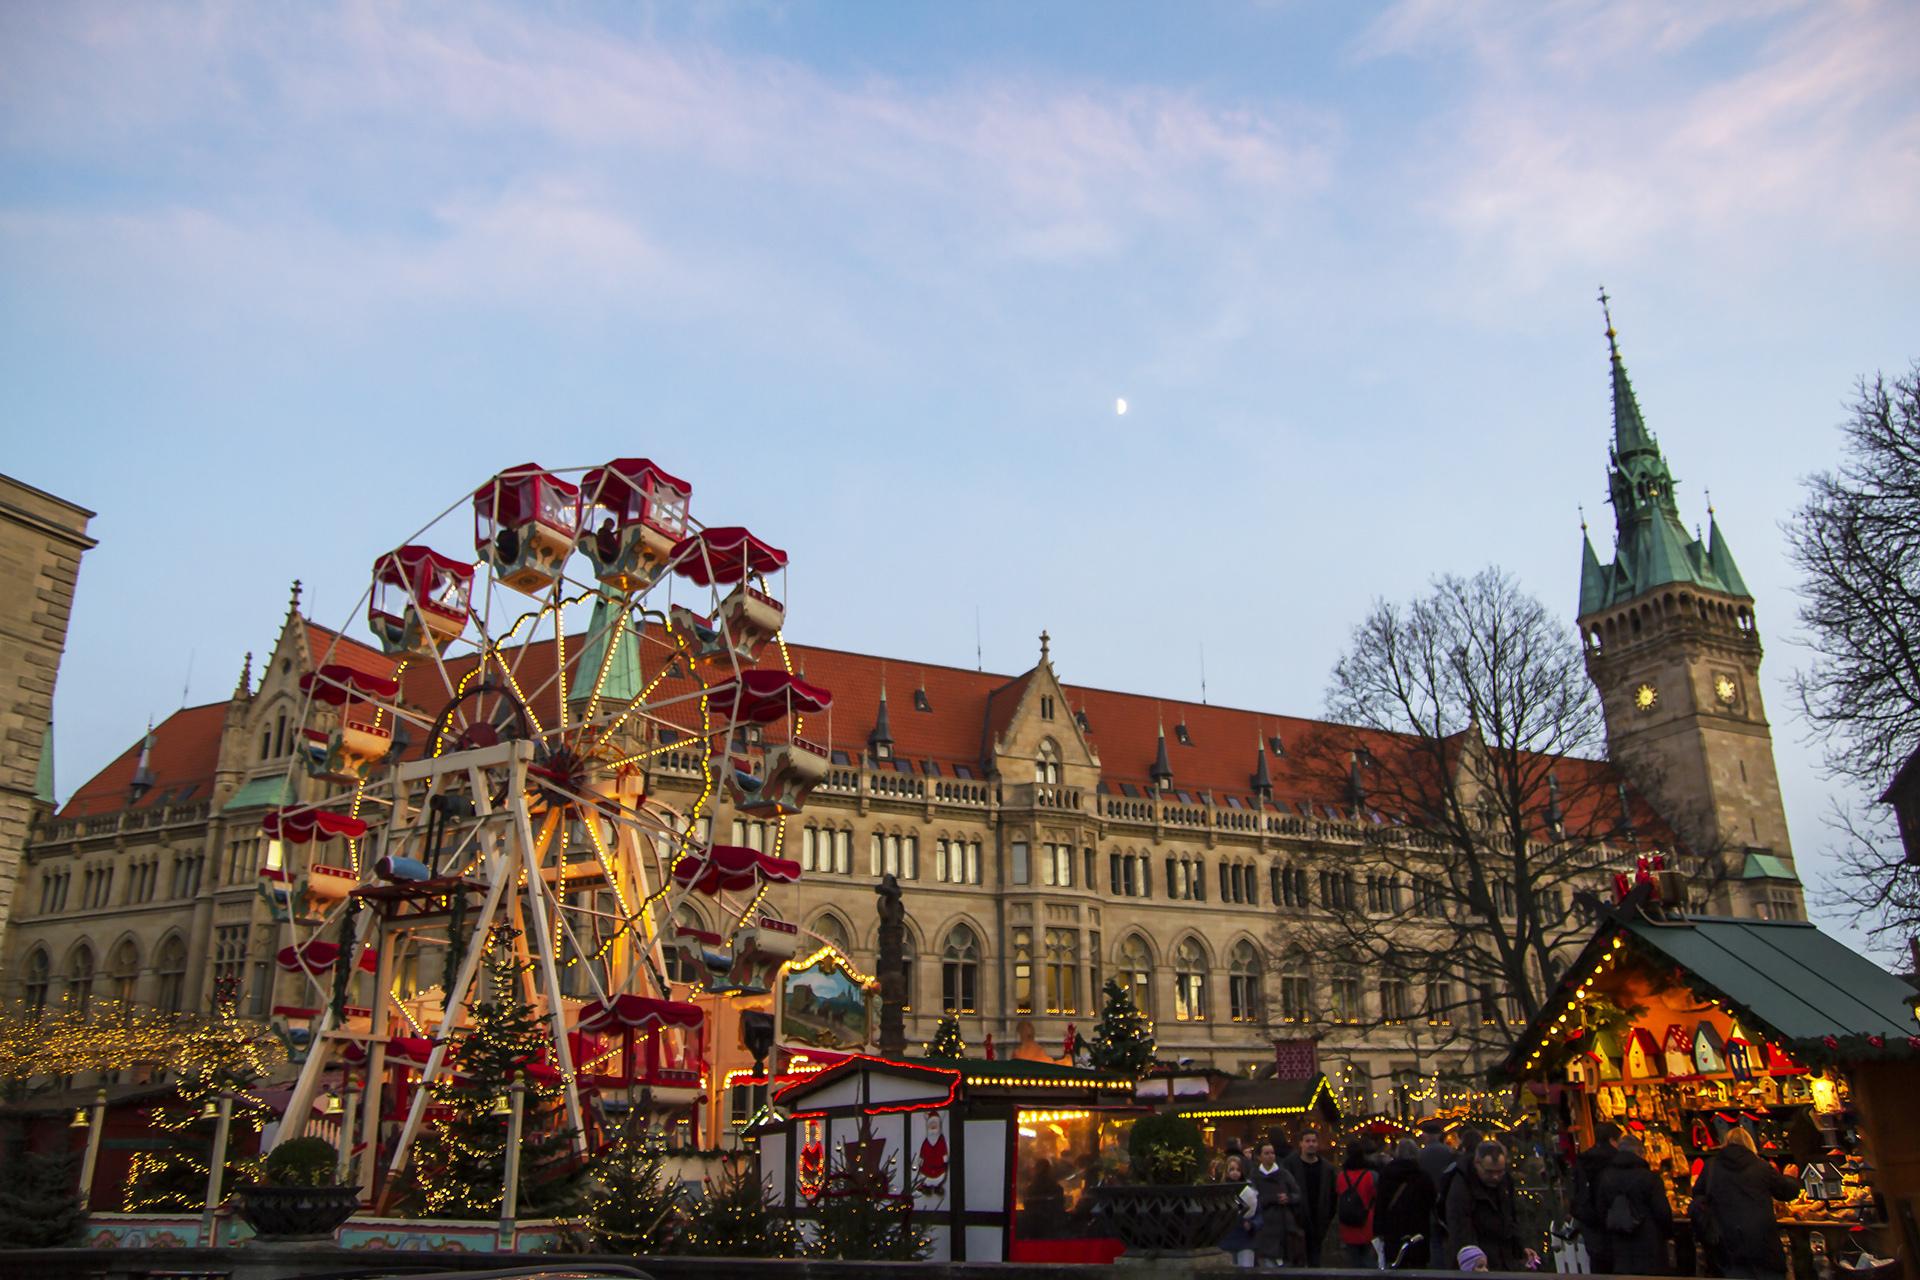 Weihnachtsmarkt Braunschweig.Weihnachtsmarkt Braunschweig Neue Braunschweiger